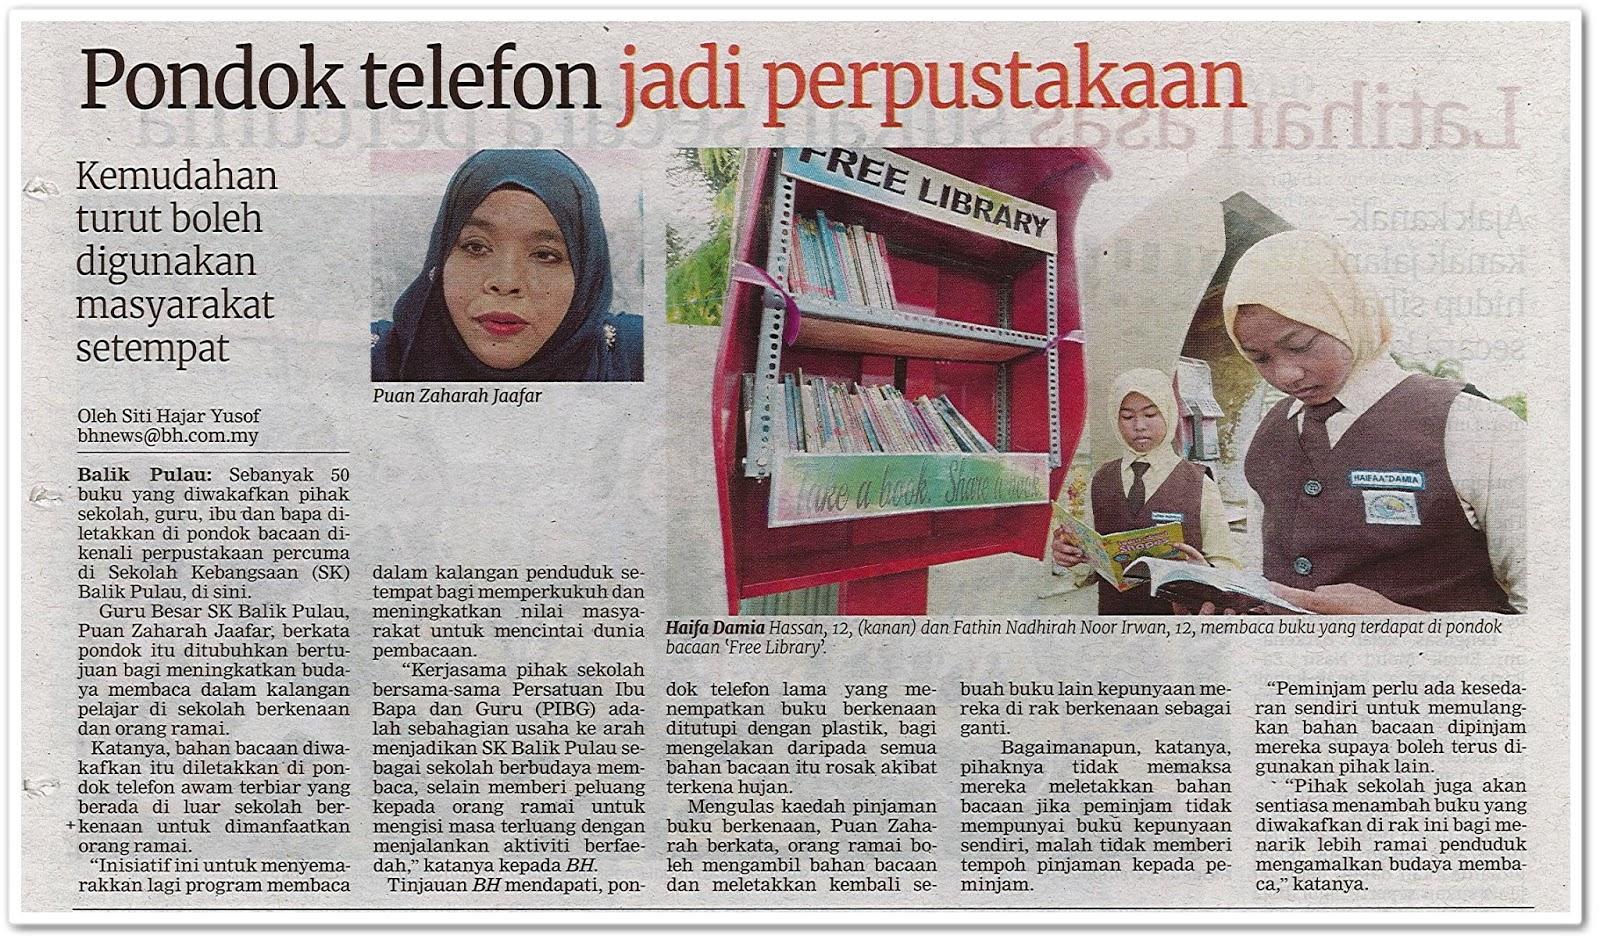 Pondok telefon jadi perpustakaan - Keratan akhbar Berita Harian 23 September 2019